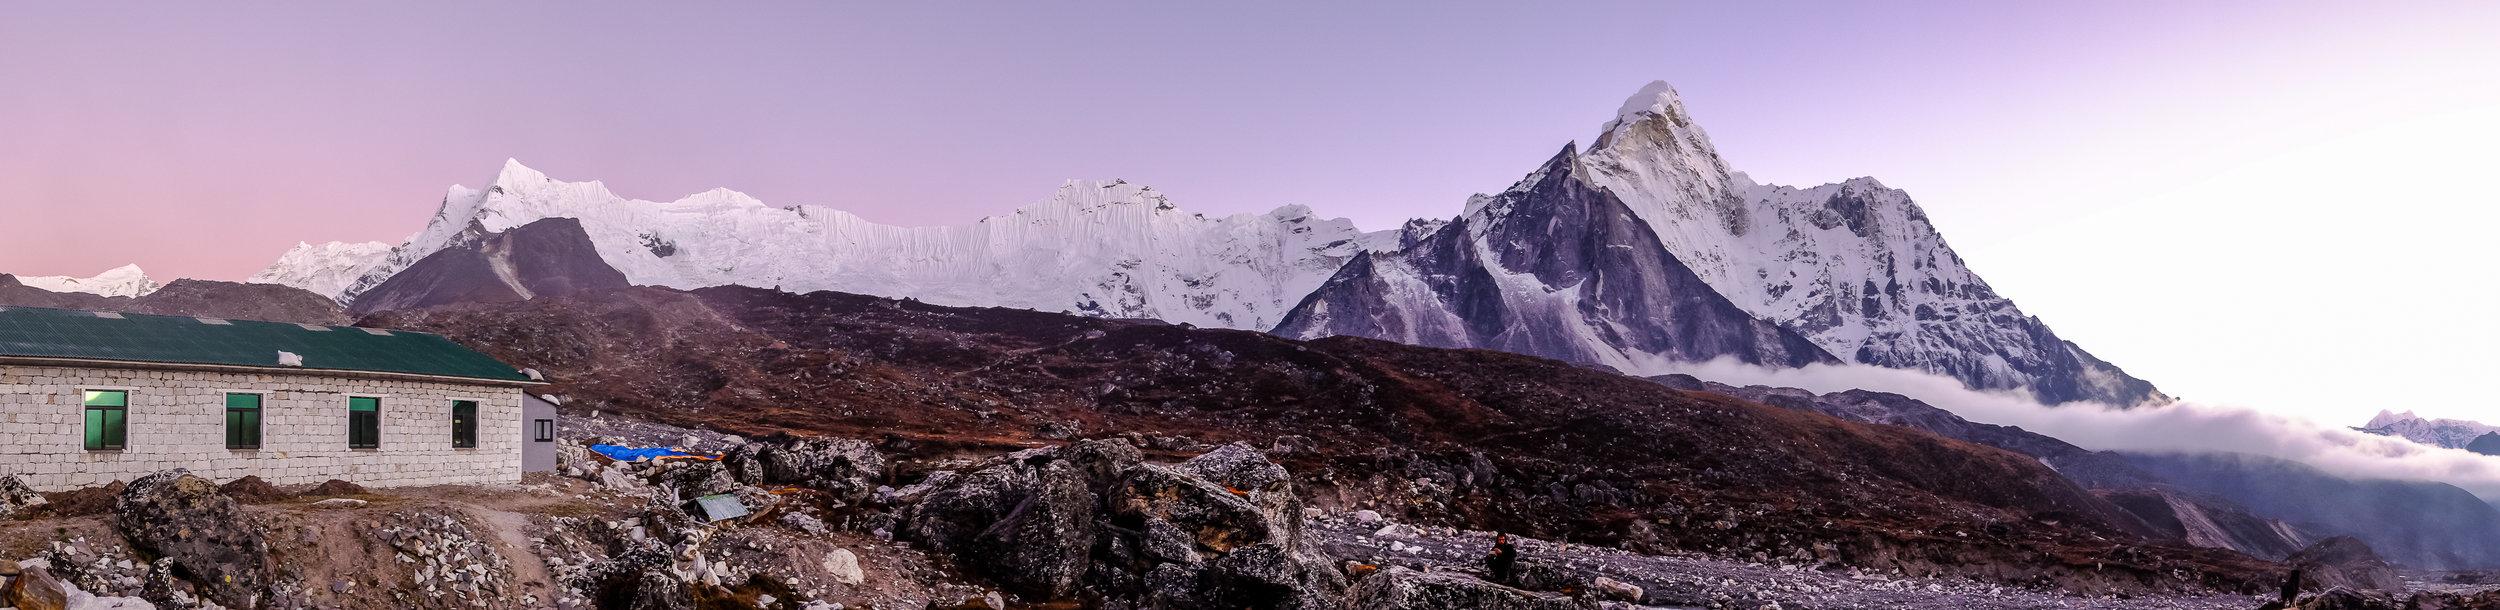 EverestTrekPart6_023.jpg